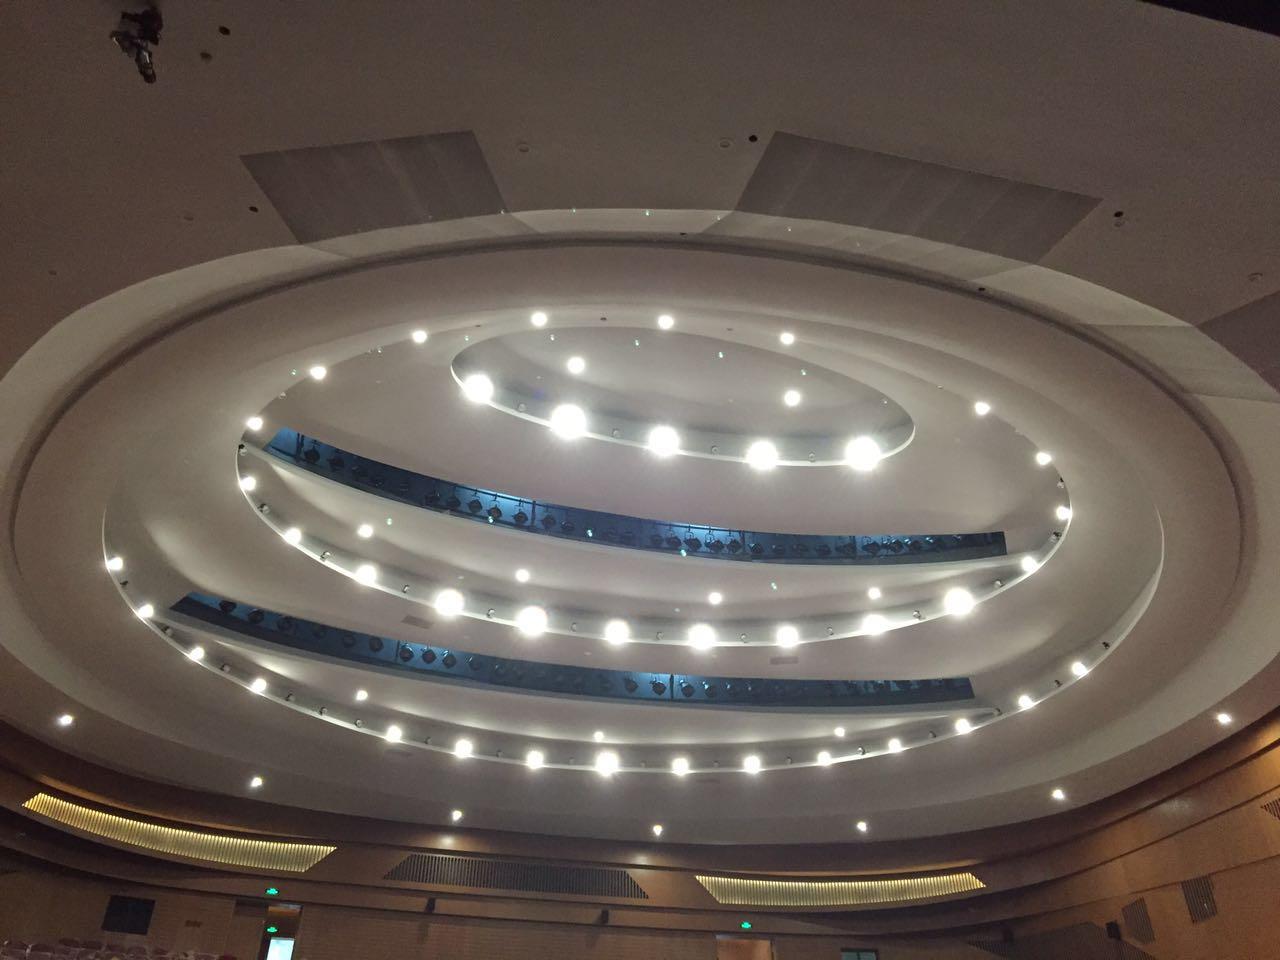 乐清市艺术中心.jpg